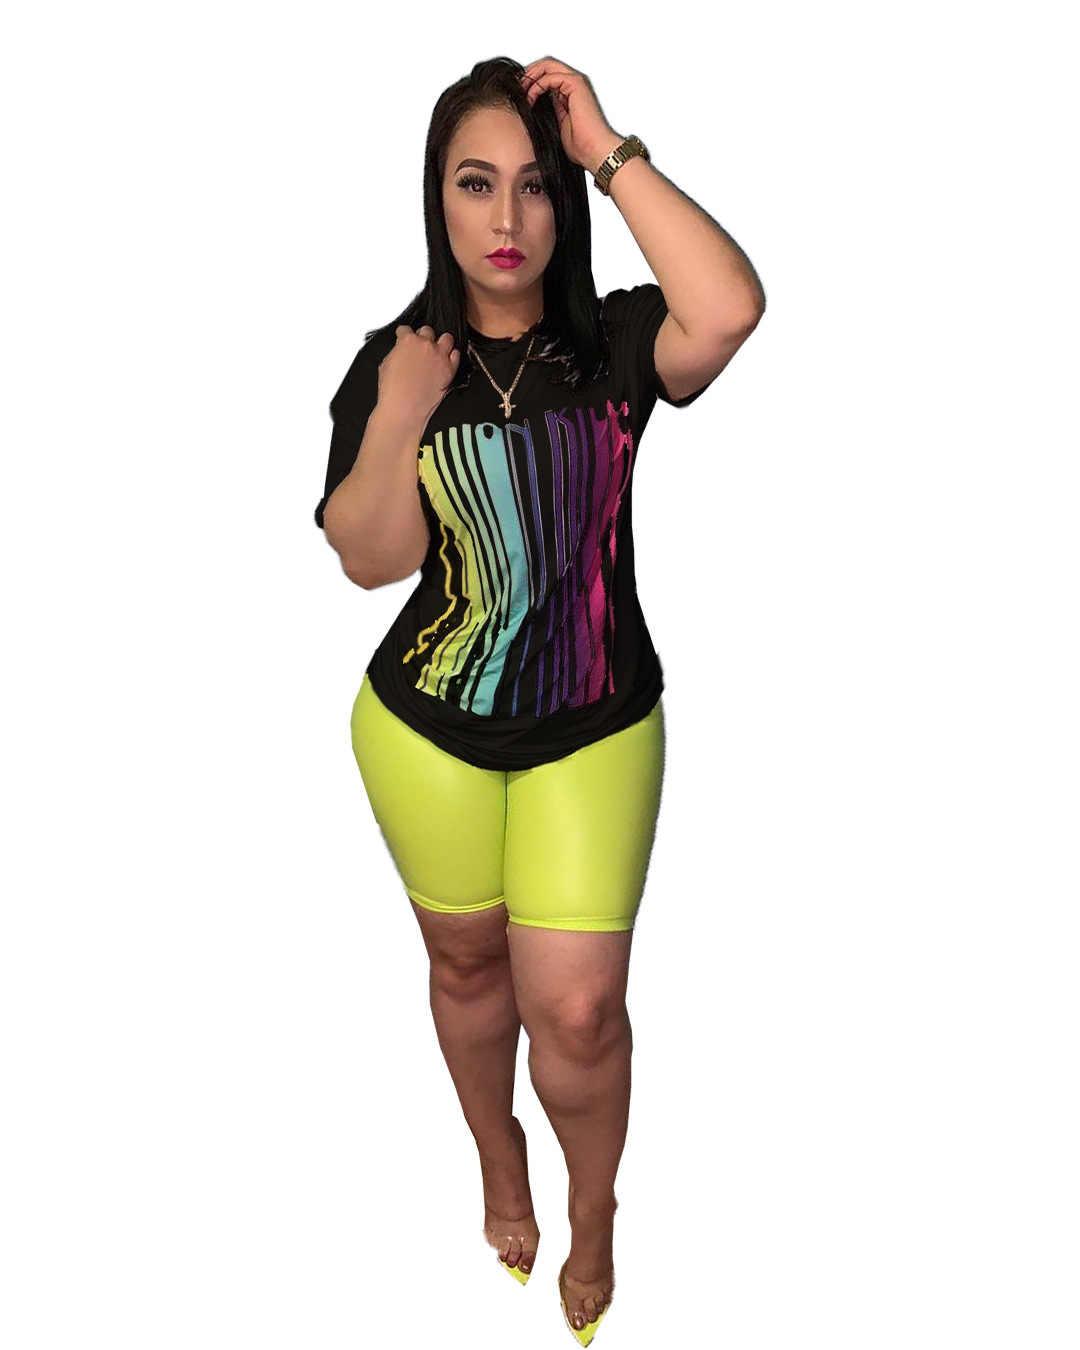 ファッション女性セット 2 ピース衣装セットカジュアル半袖 Tシャツスキニーパンツプラスサイズスーツ xxxl